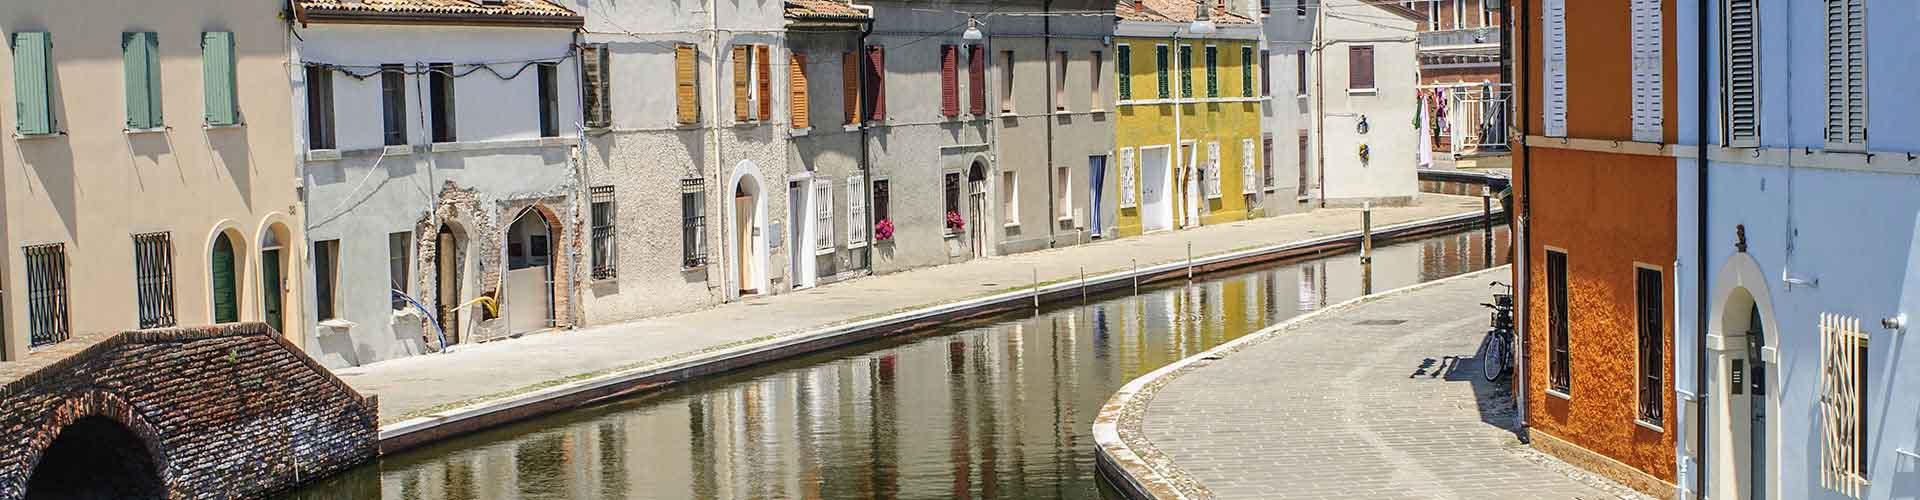 Ferrara - Auberges de jeunesse à Ferrara. Cartes pour Ferrara, photos et commentaires pour chaque auberge de jeunesse à Ferrara.